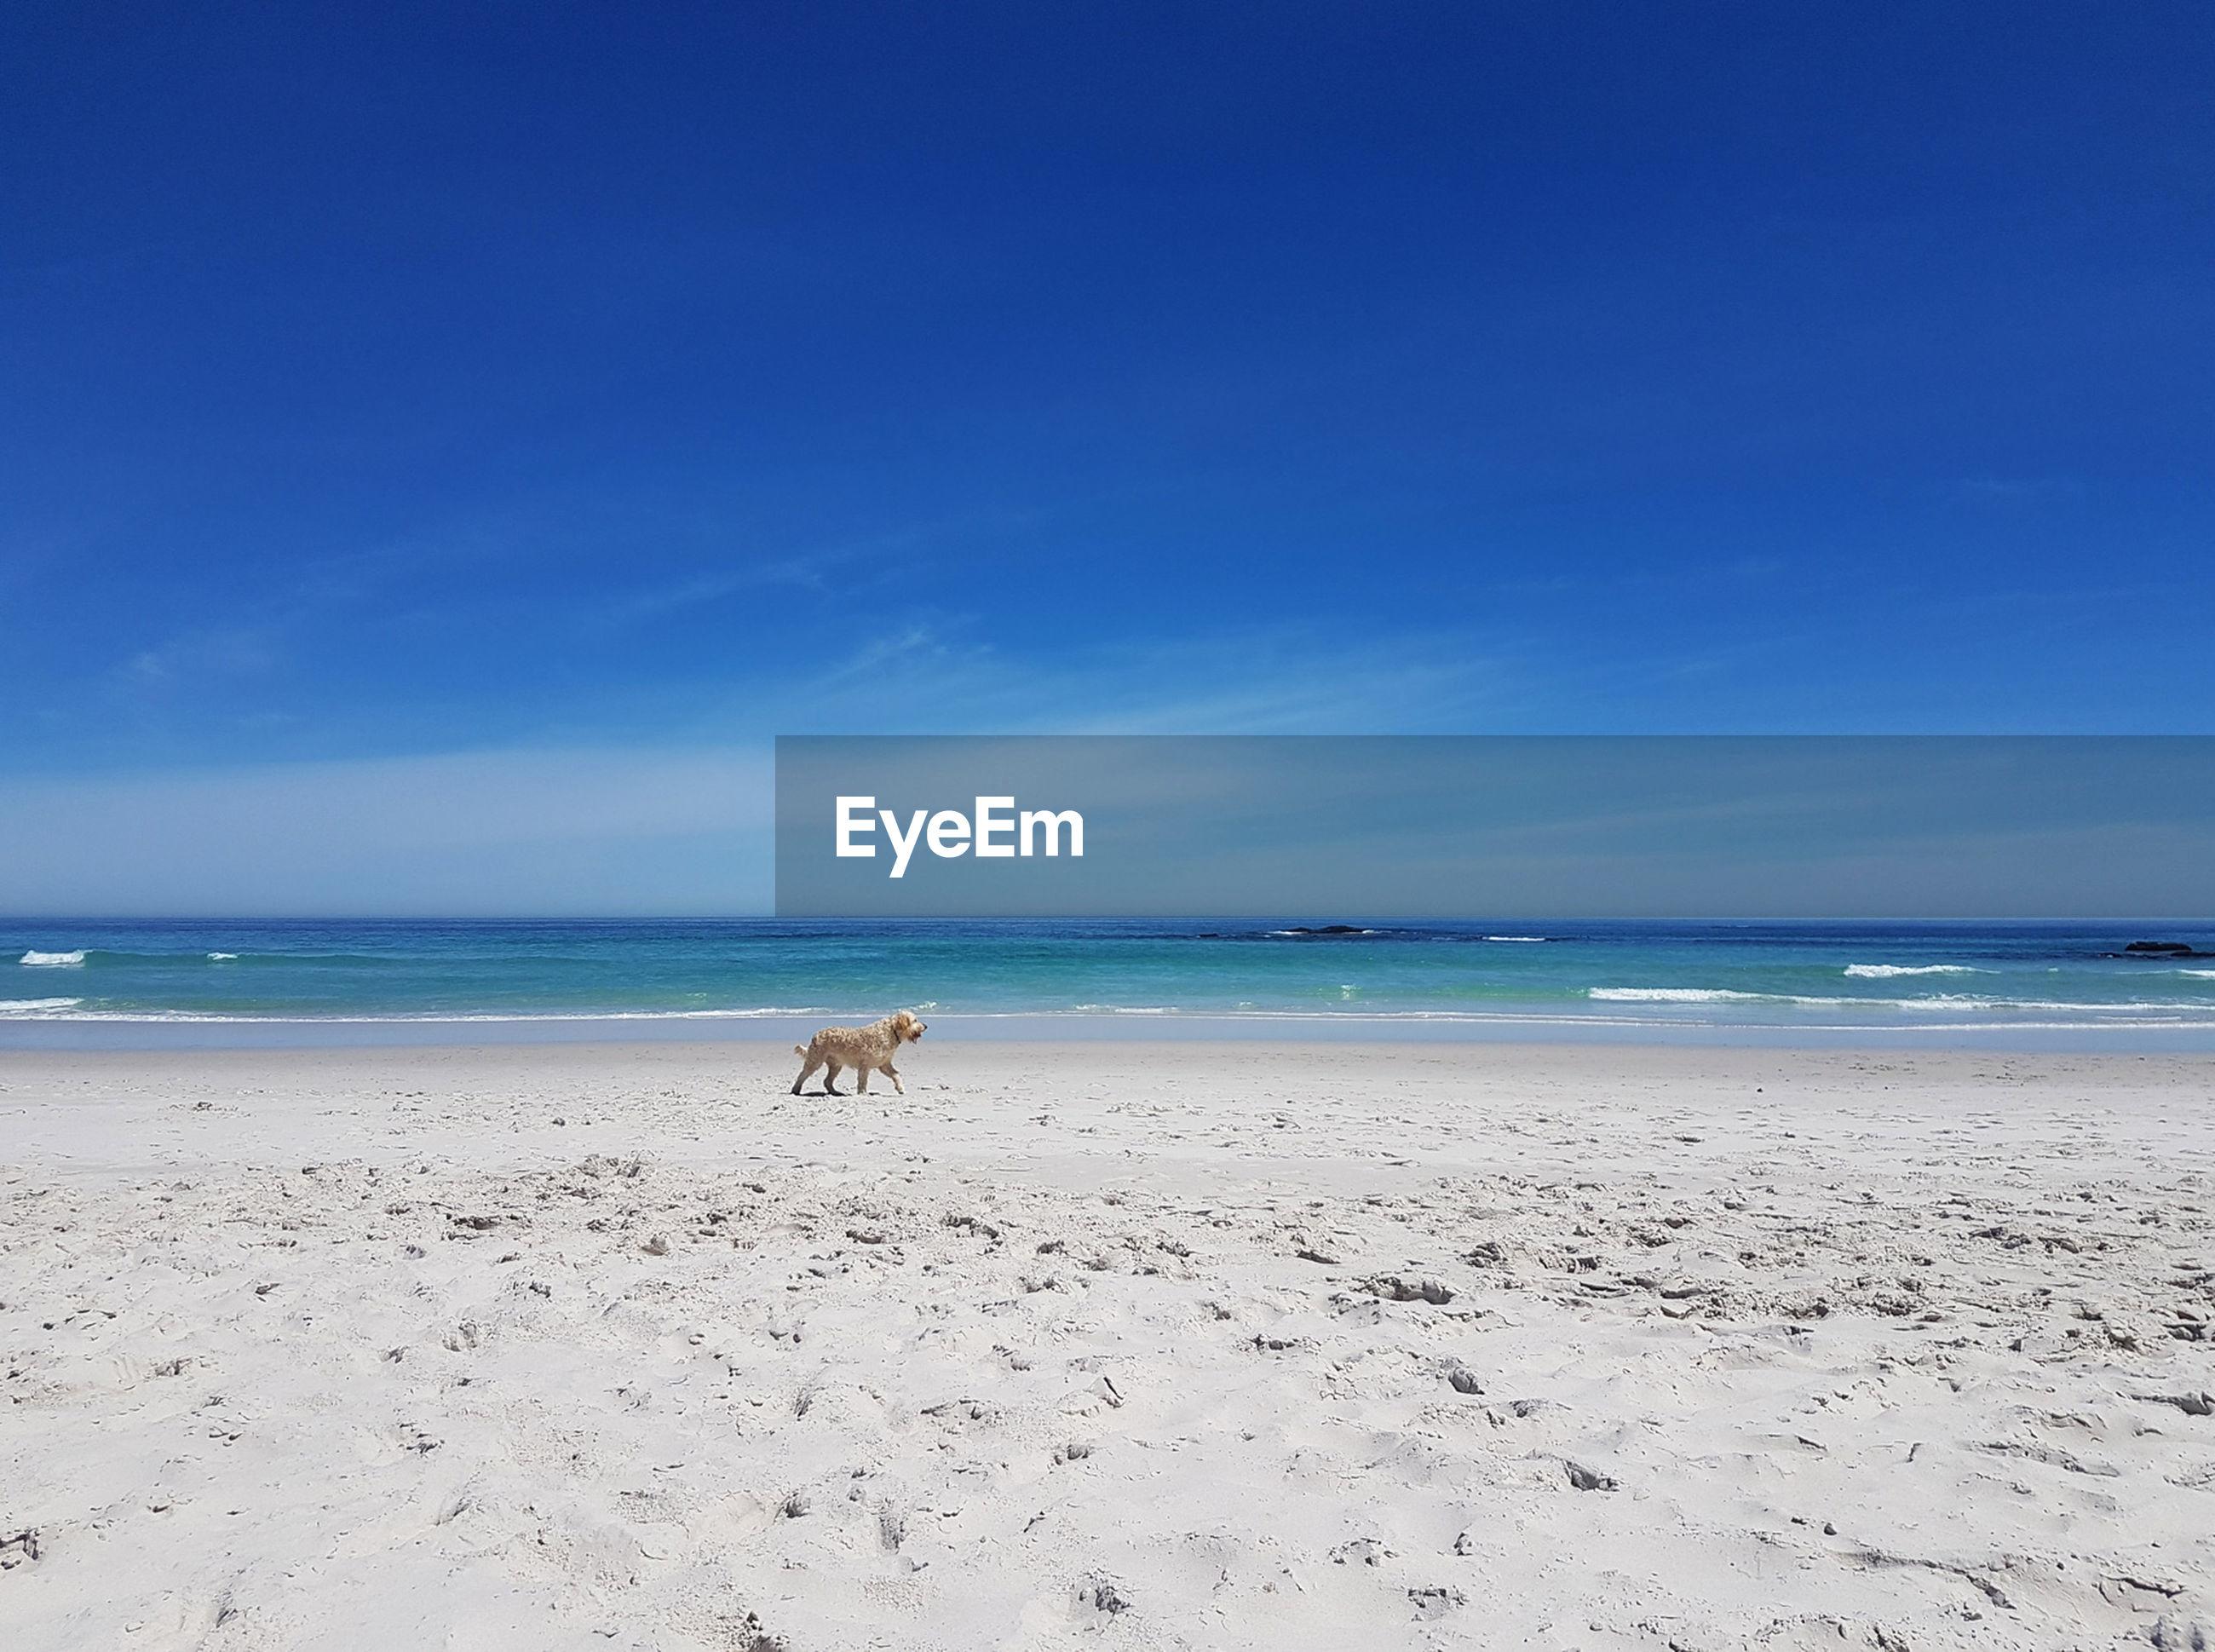 DOGS ON BEACH AGAINST BLUE SKY